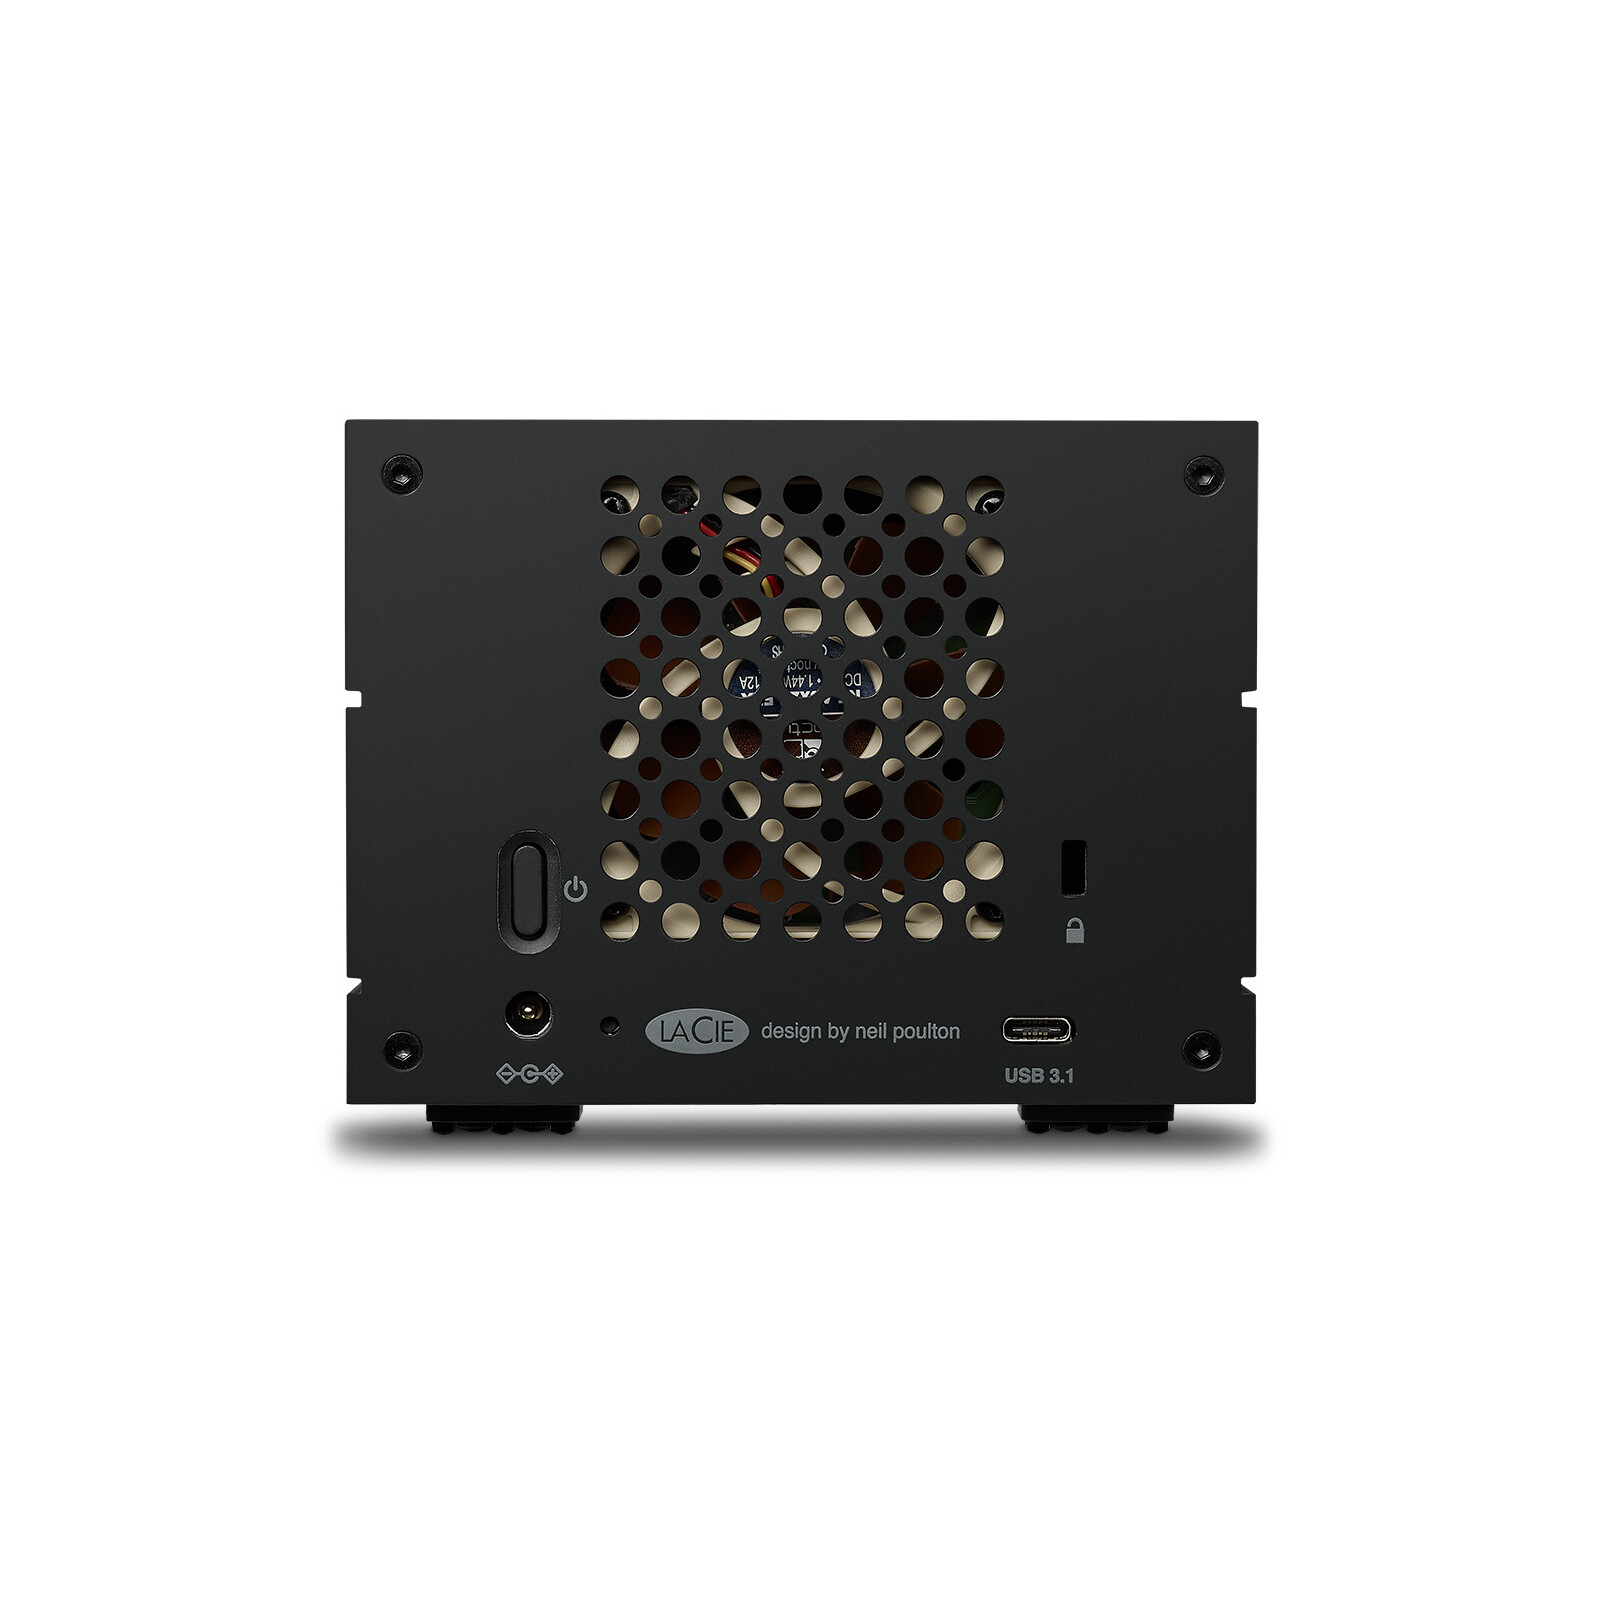 LaCie 2big RAID 4TB DAS, USB 3.1, RAID 0/1